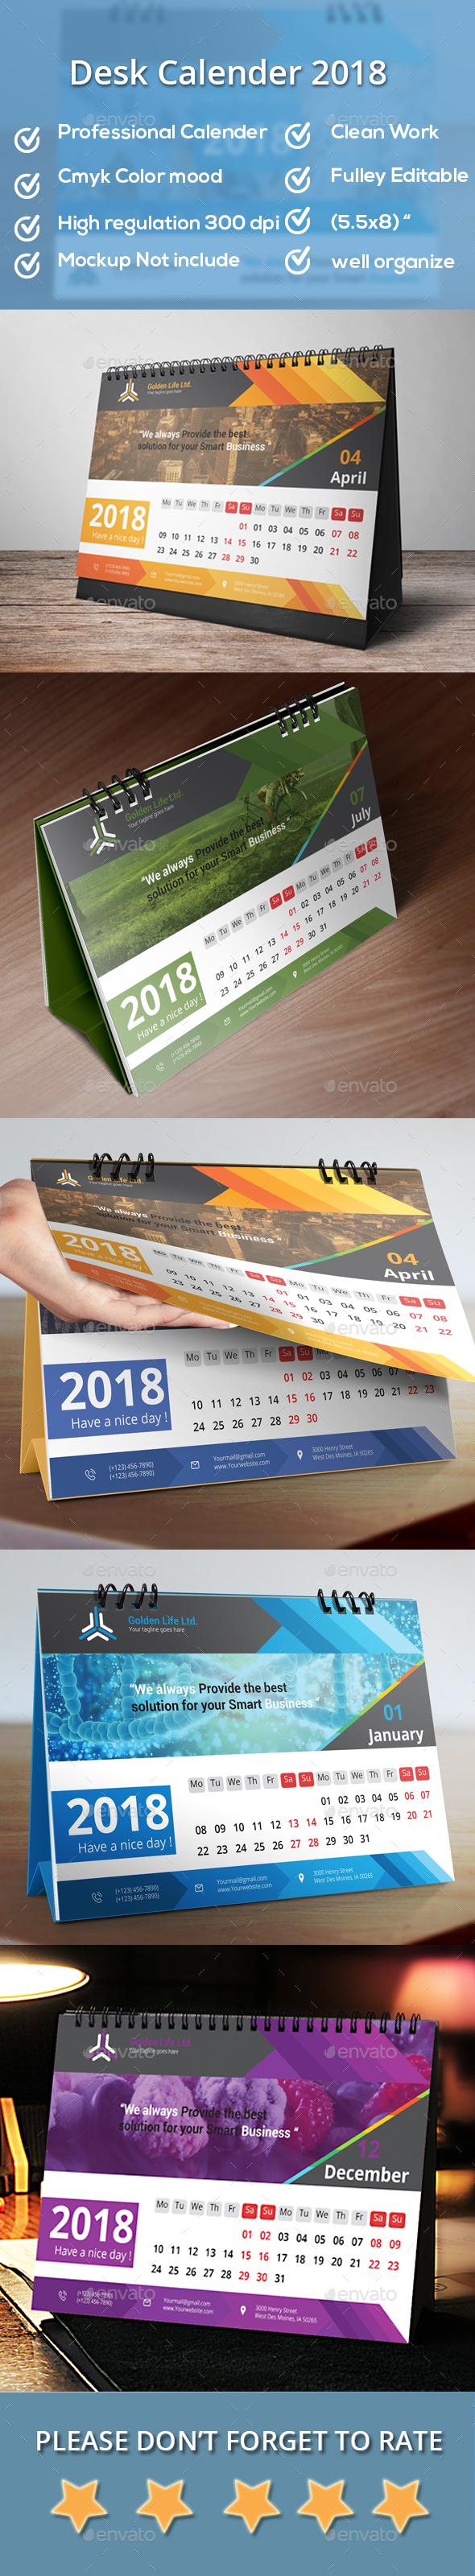 GraphicRiver Desk Calendar 2018 20618223